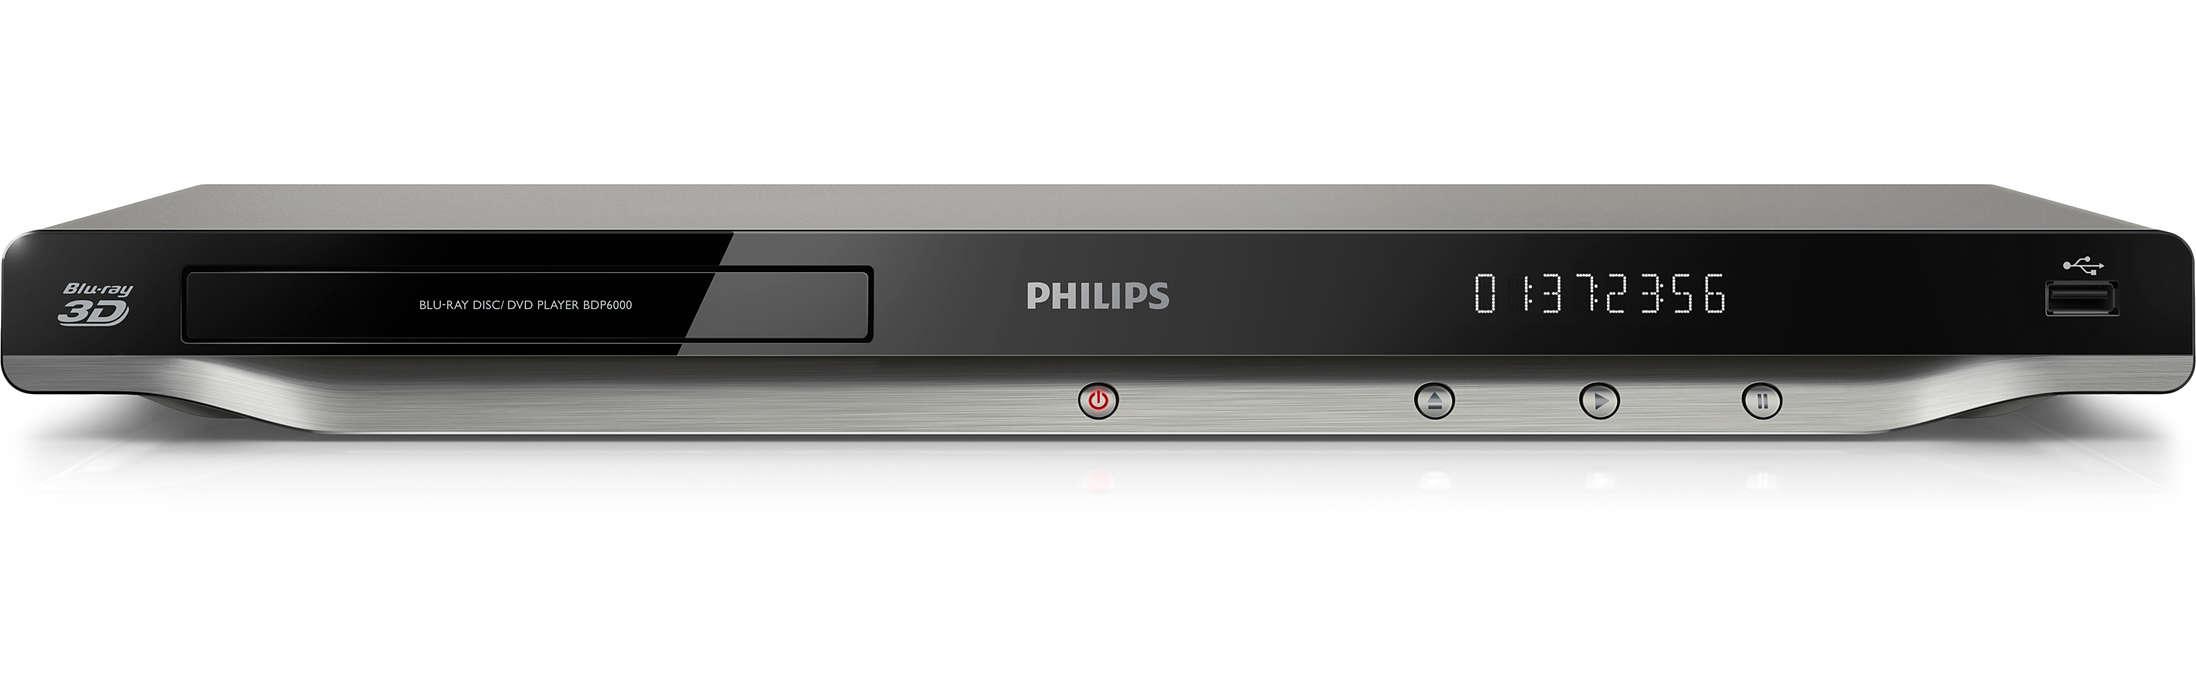 Blu-ray 3D ja Internetin parhaimmisto televisiossasi